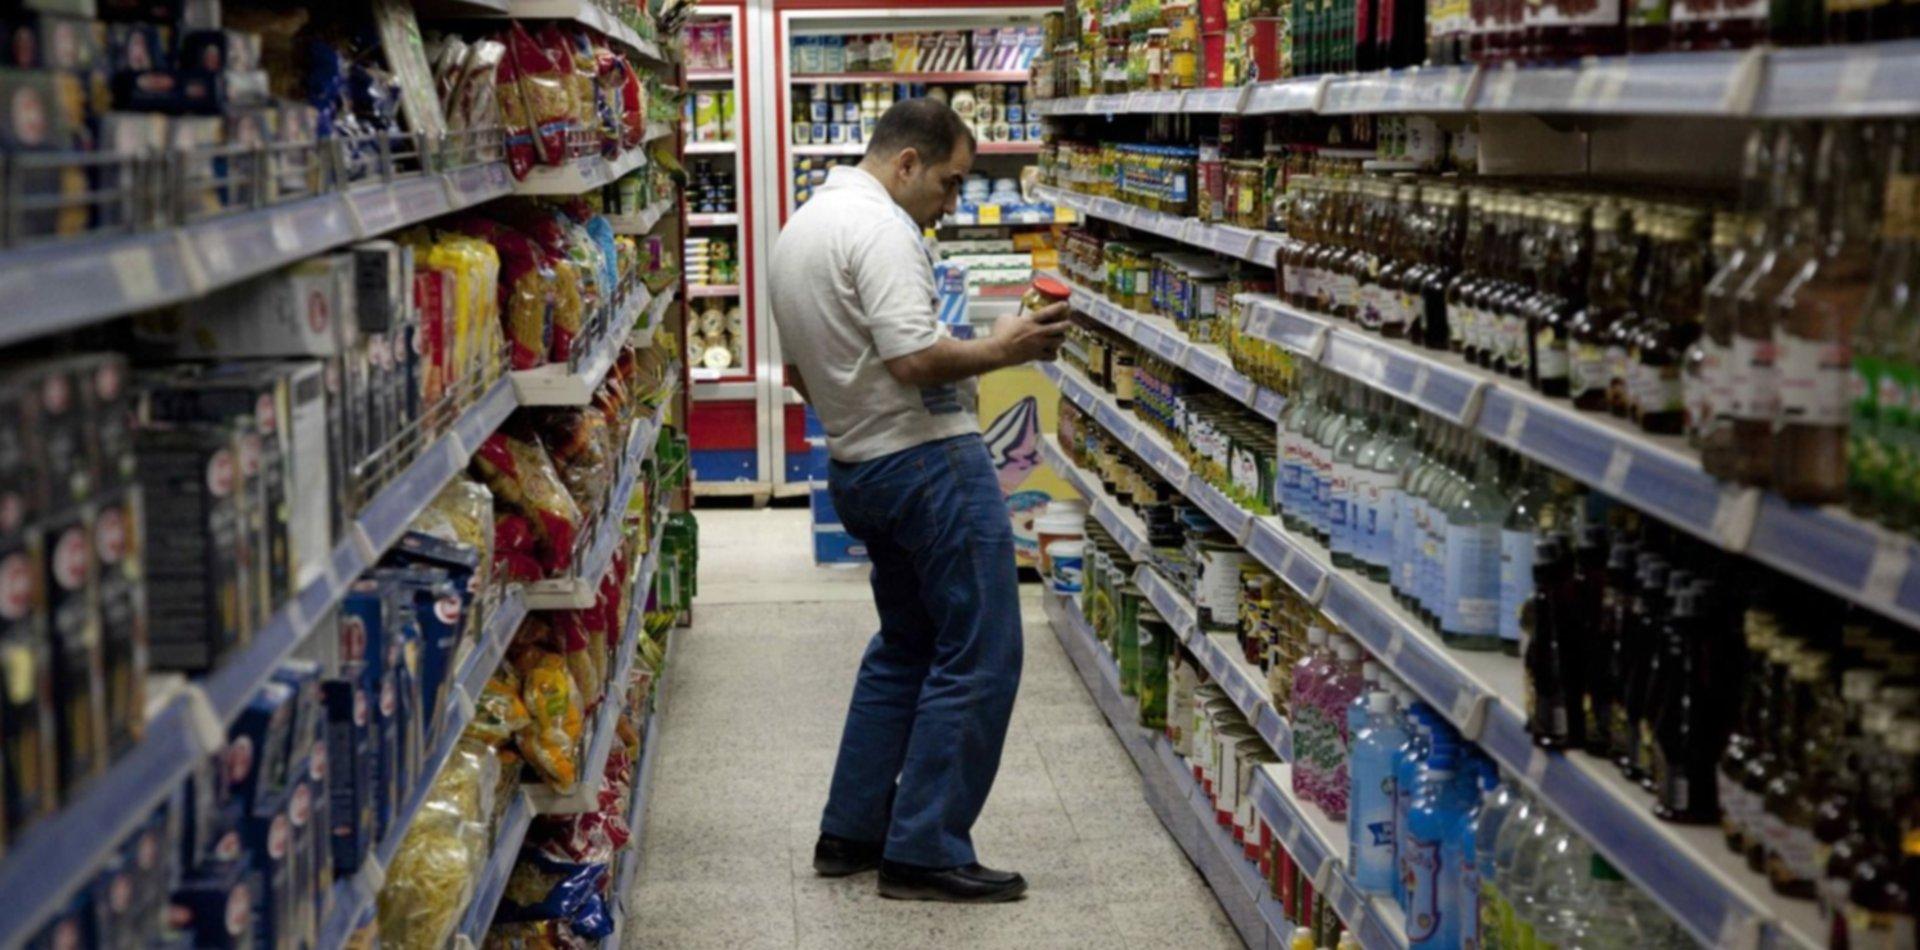 La inflación de octubre cerró en 3,3% y alcanzó 50,5% en los últimos doce meses